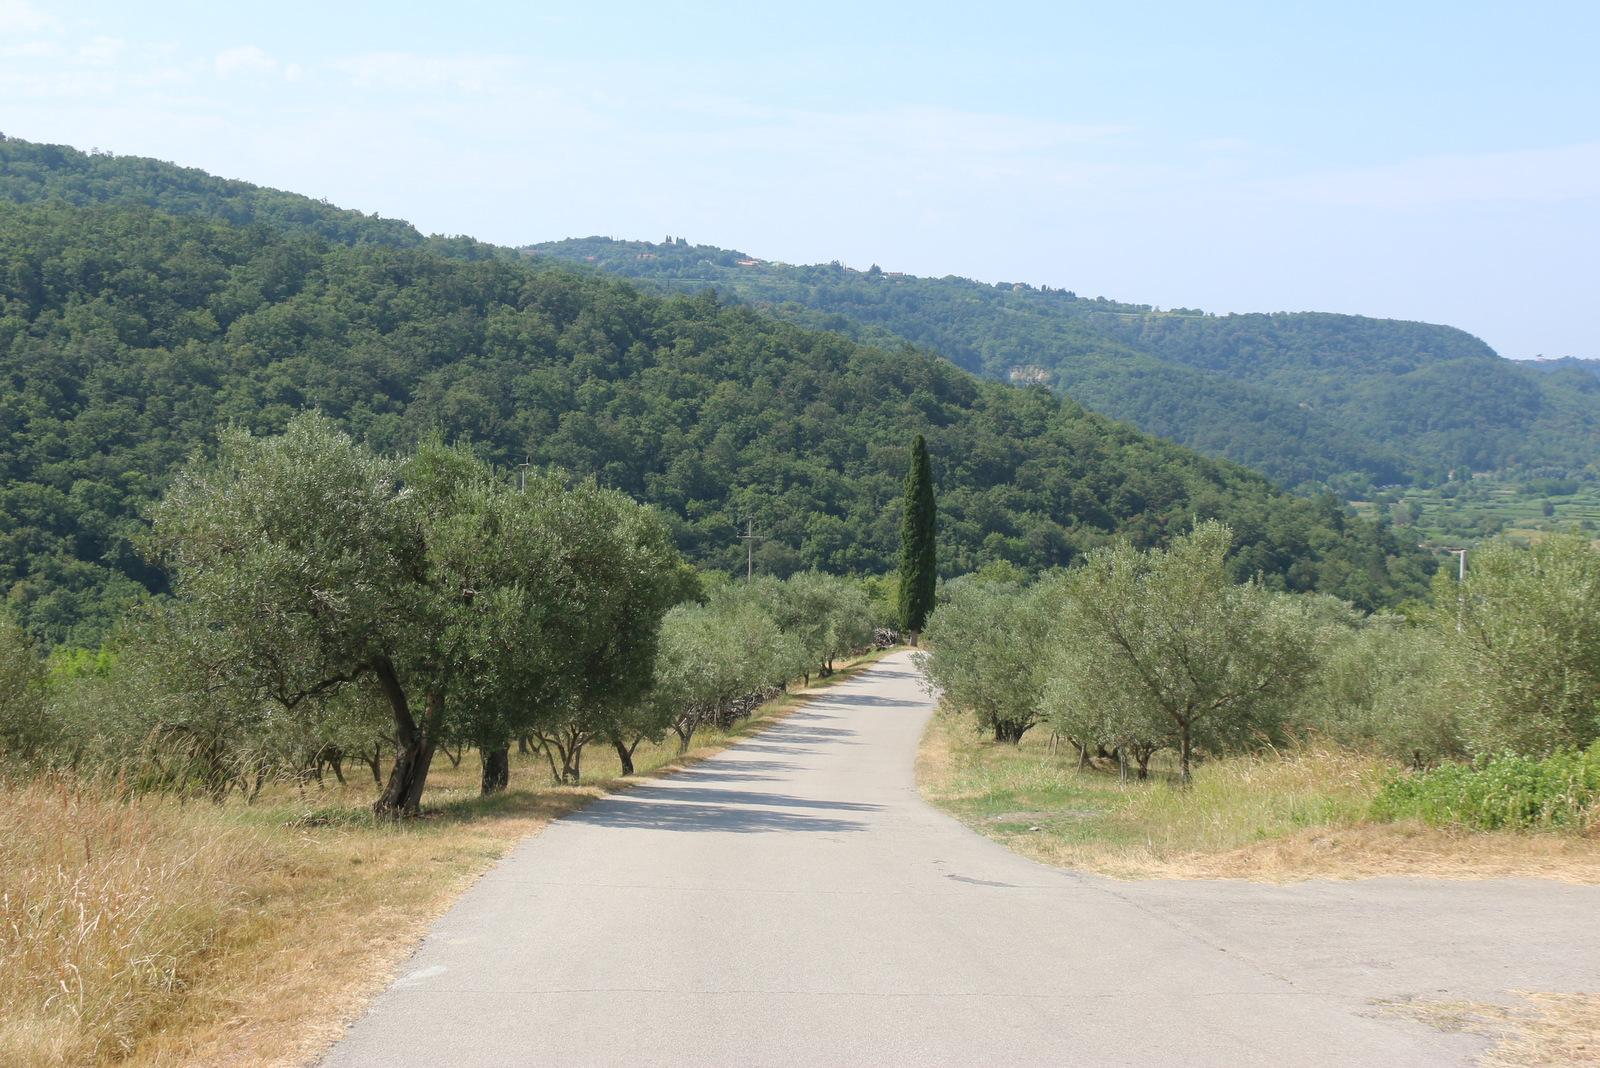 Za Padno so značilni oljčni nasadi.